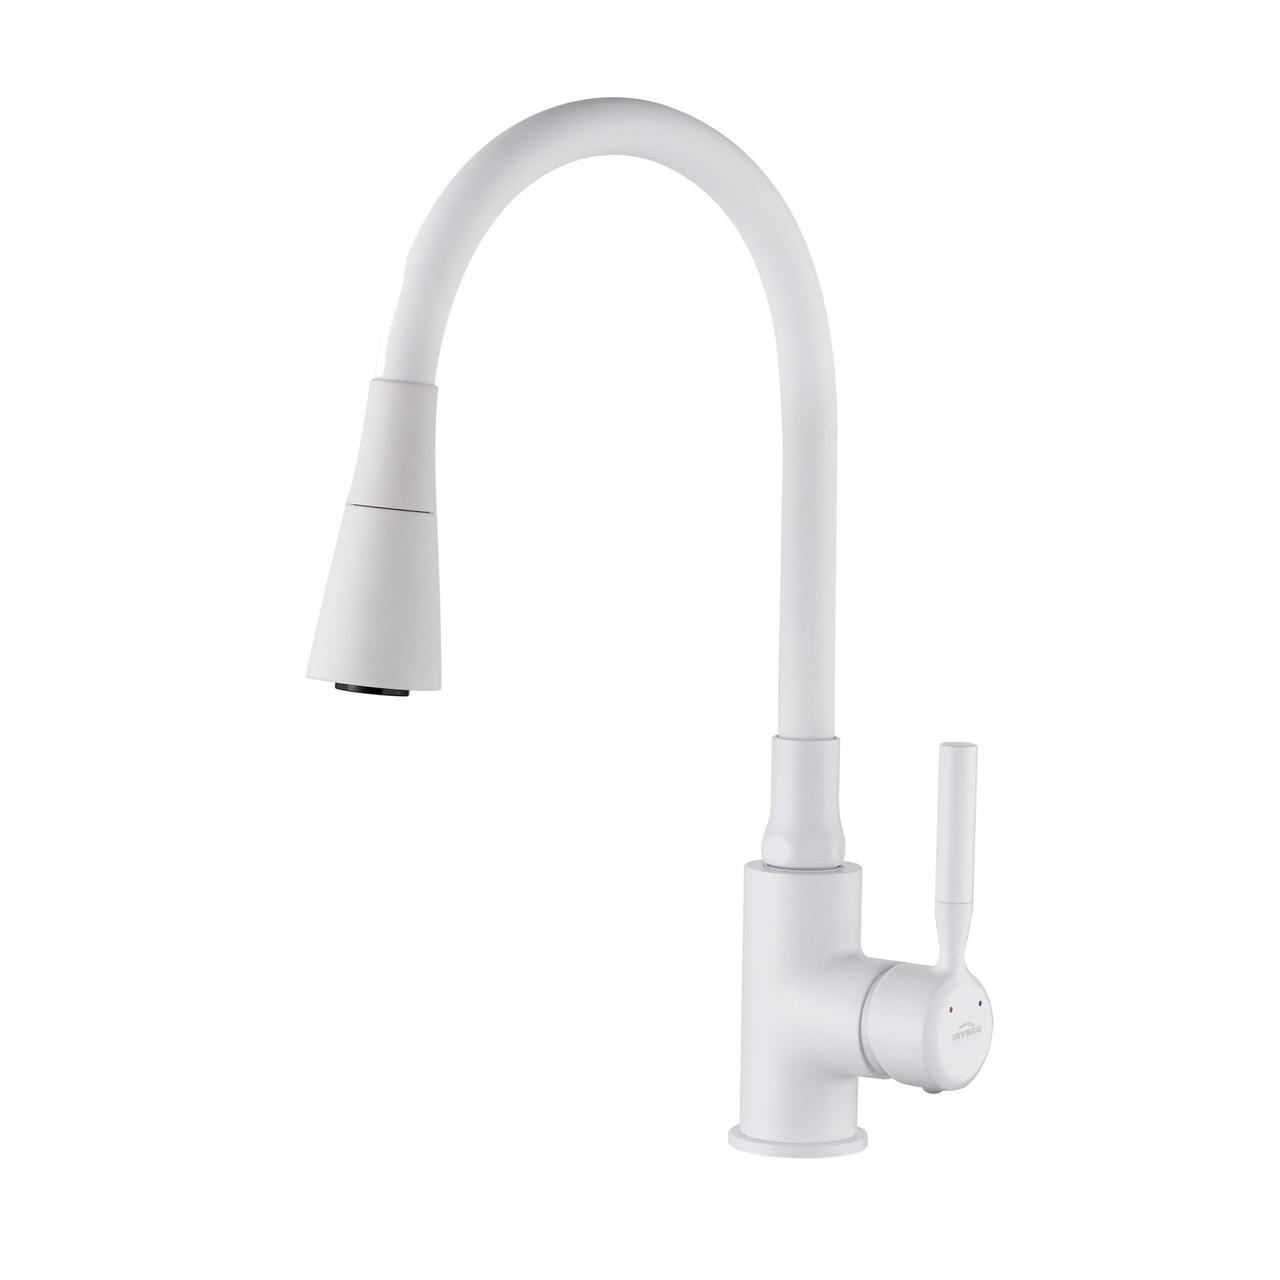 Змішувач для кухні з гнучким виливом, Invena Hula Plus, білий, BZ-85-P02